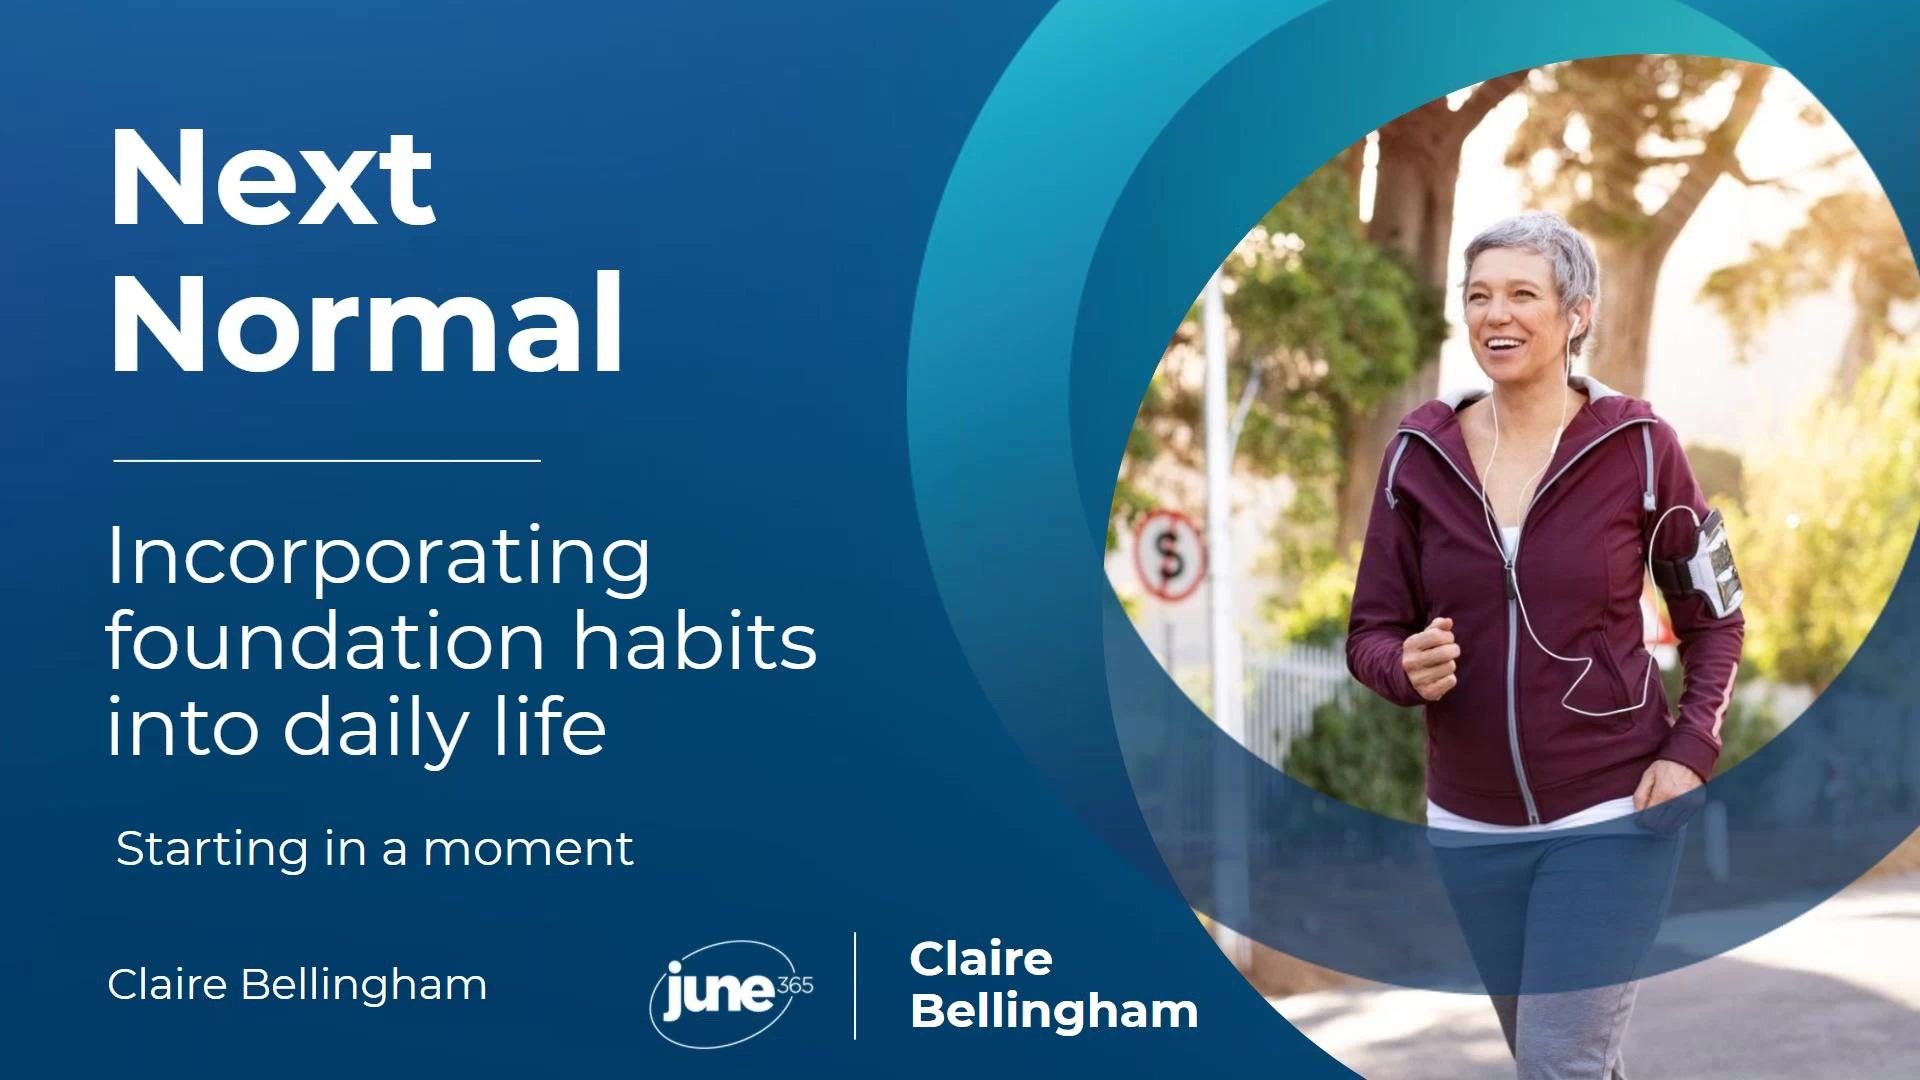 Next Normal_Claire Bellingham-1